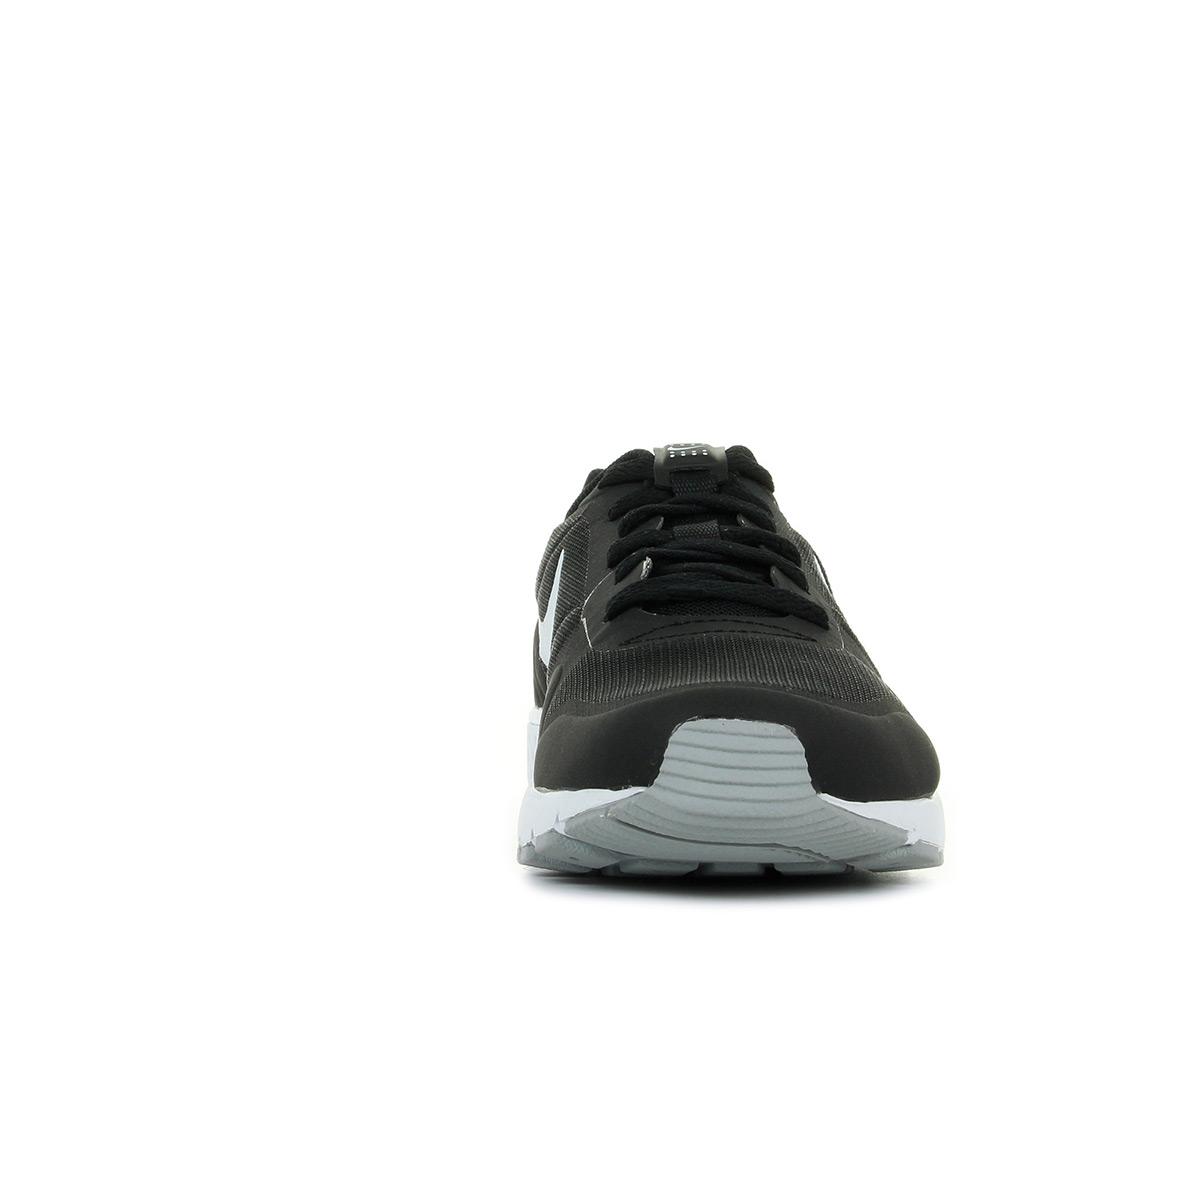 Nouvelle Marque Unisexe Lw À Vendre Nike Nightgazer Lw Unisexe Se 902818001 045996